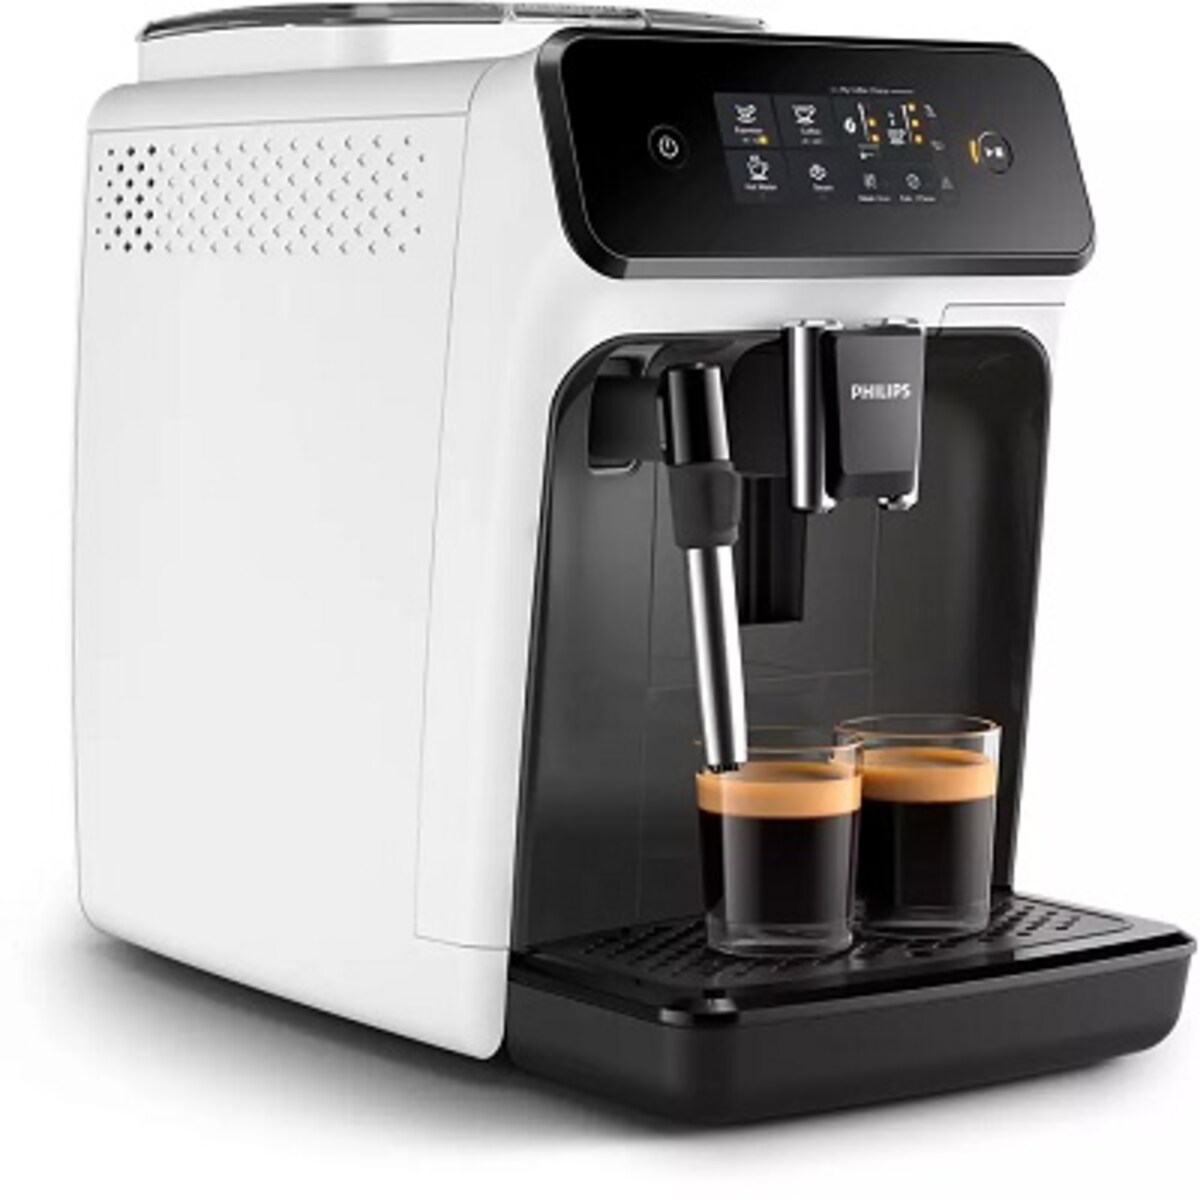 PHILIPS Автоматична еспресо машина 1200 series 2 напитки Сензорен дисплей приставка за разпенване на мляко цвят Бял